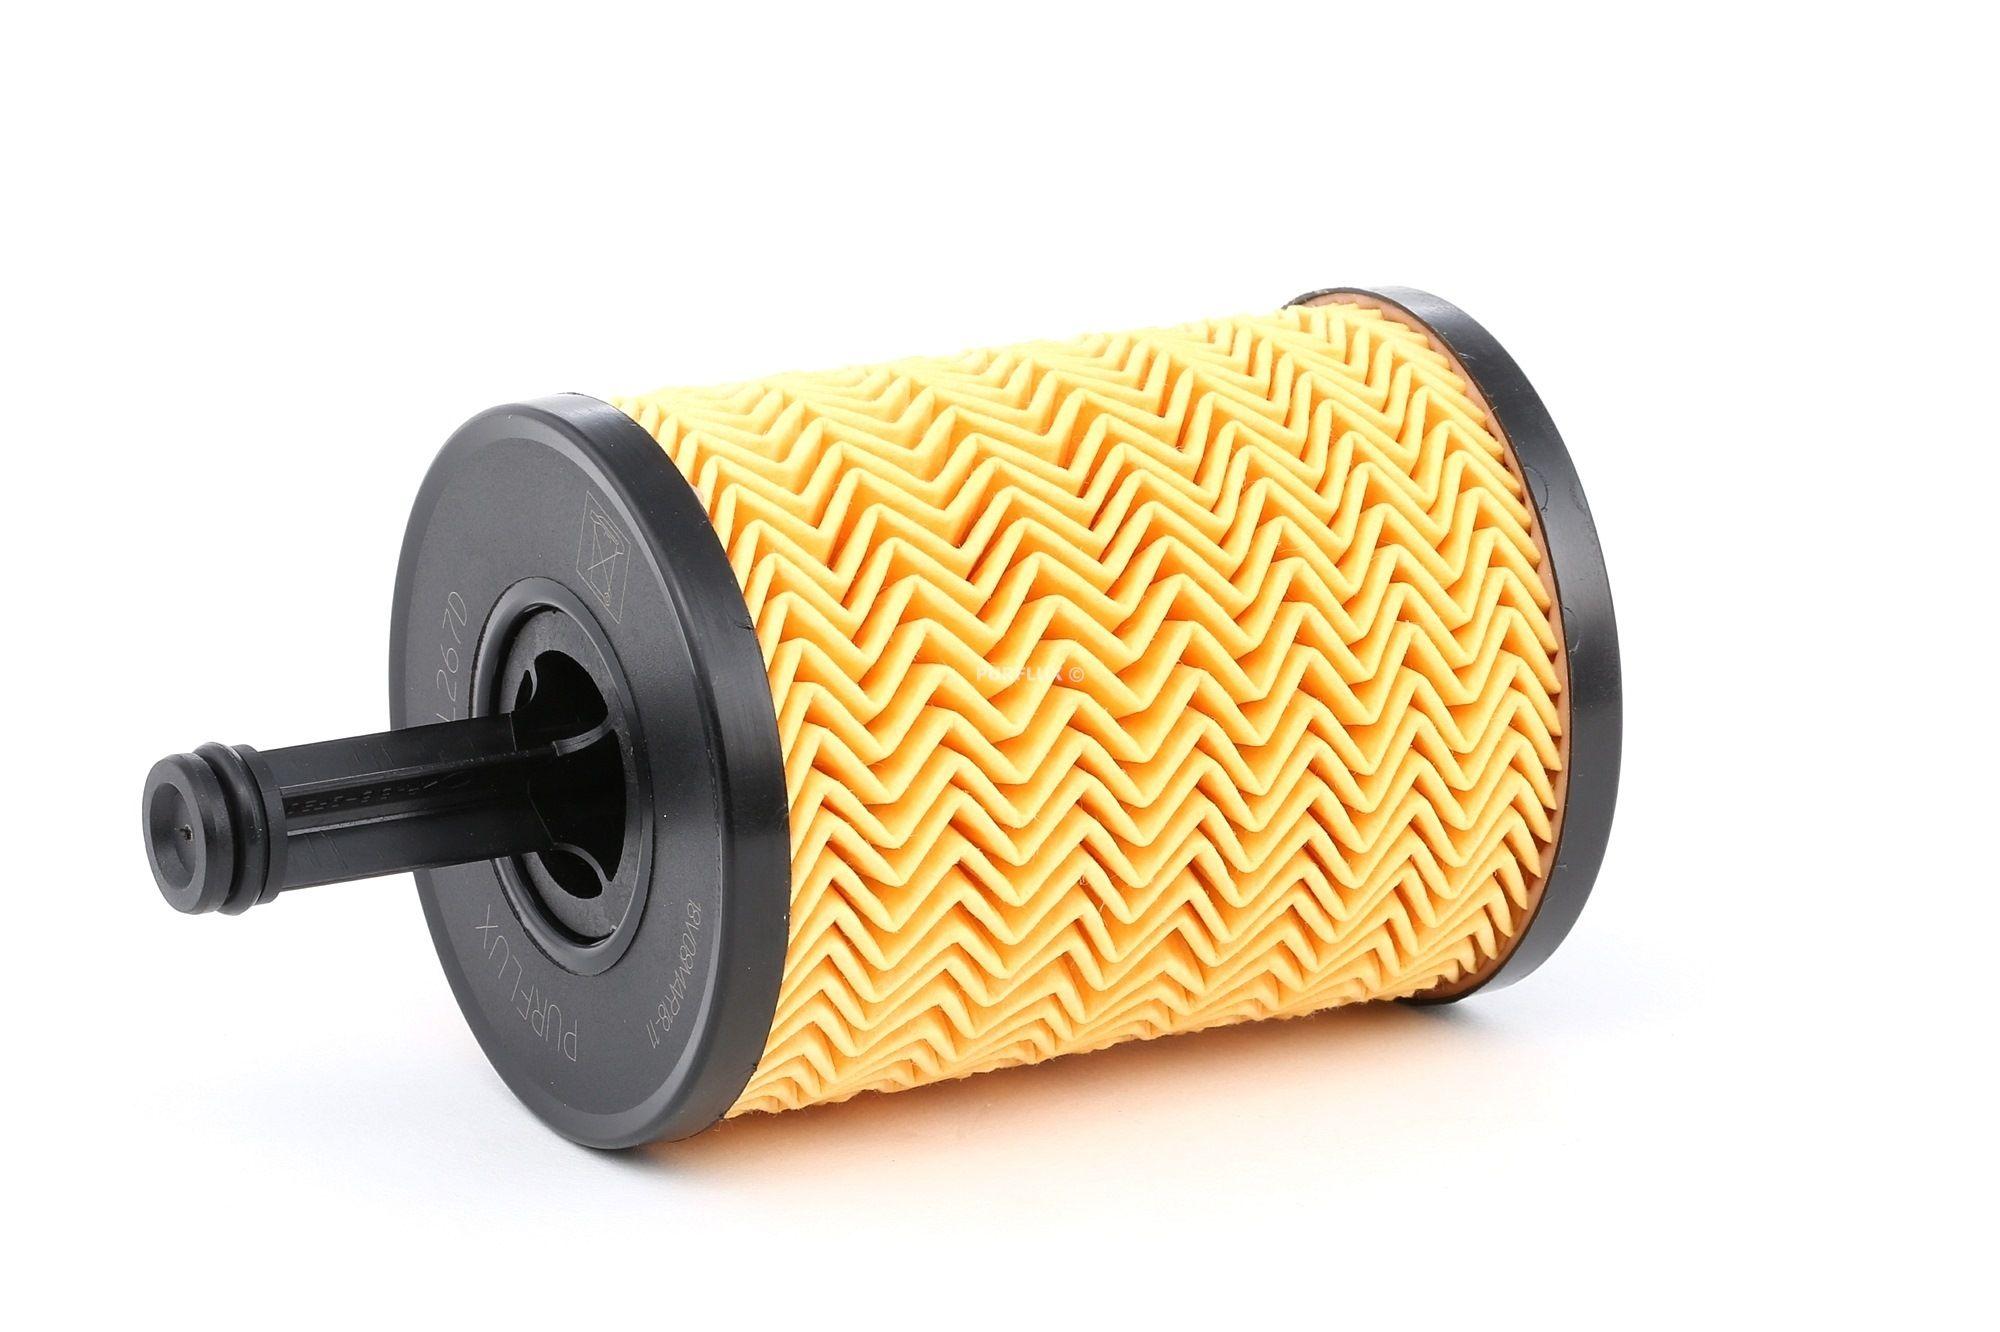 Achetez Filtre à huile PURFLUX L267D (Diamètre intérieur: 28mm, Ø: 71mm, Hauteur: 142mm) à un rapport qualité-prix exceptionnel